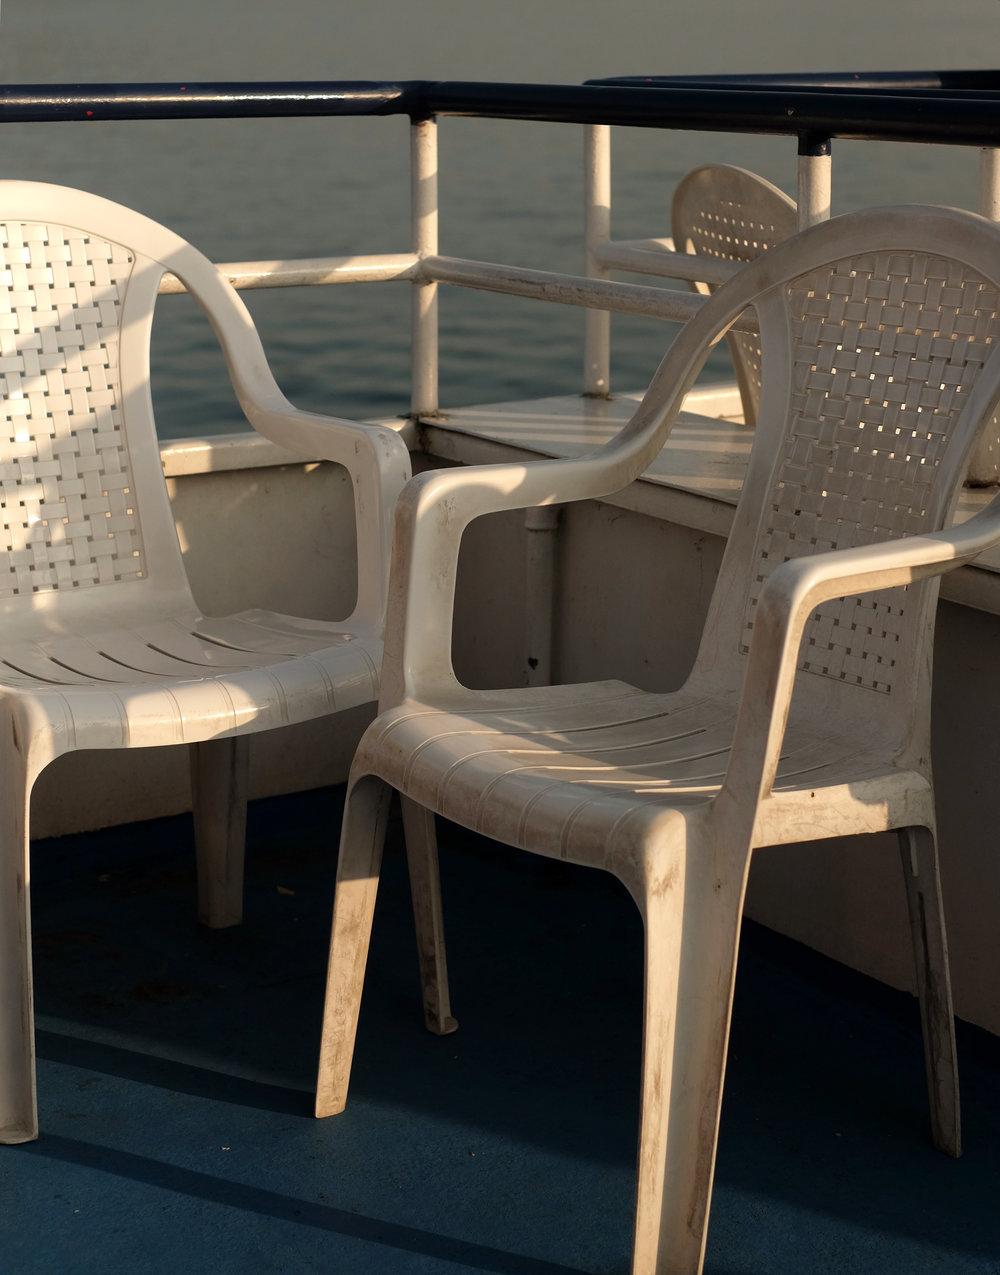 Chairs_2_x.jpg